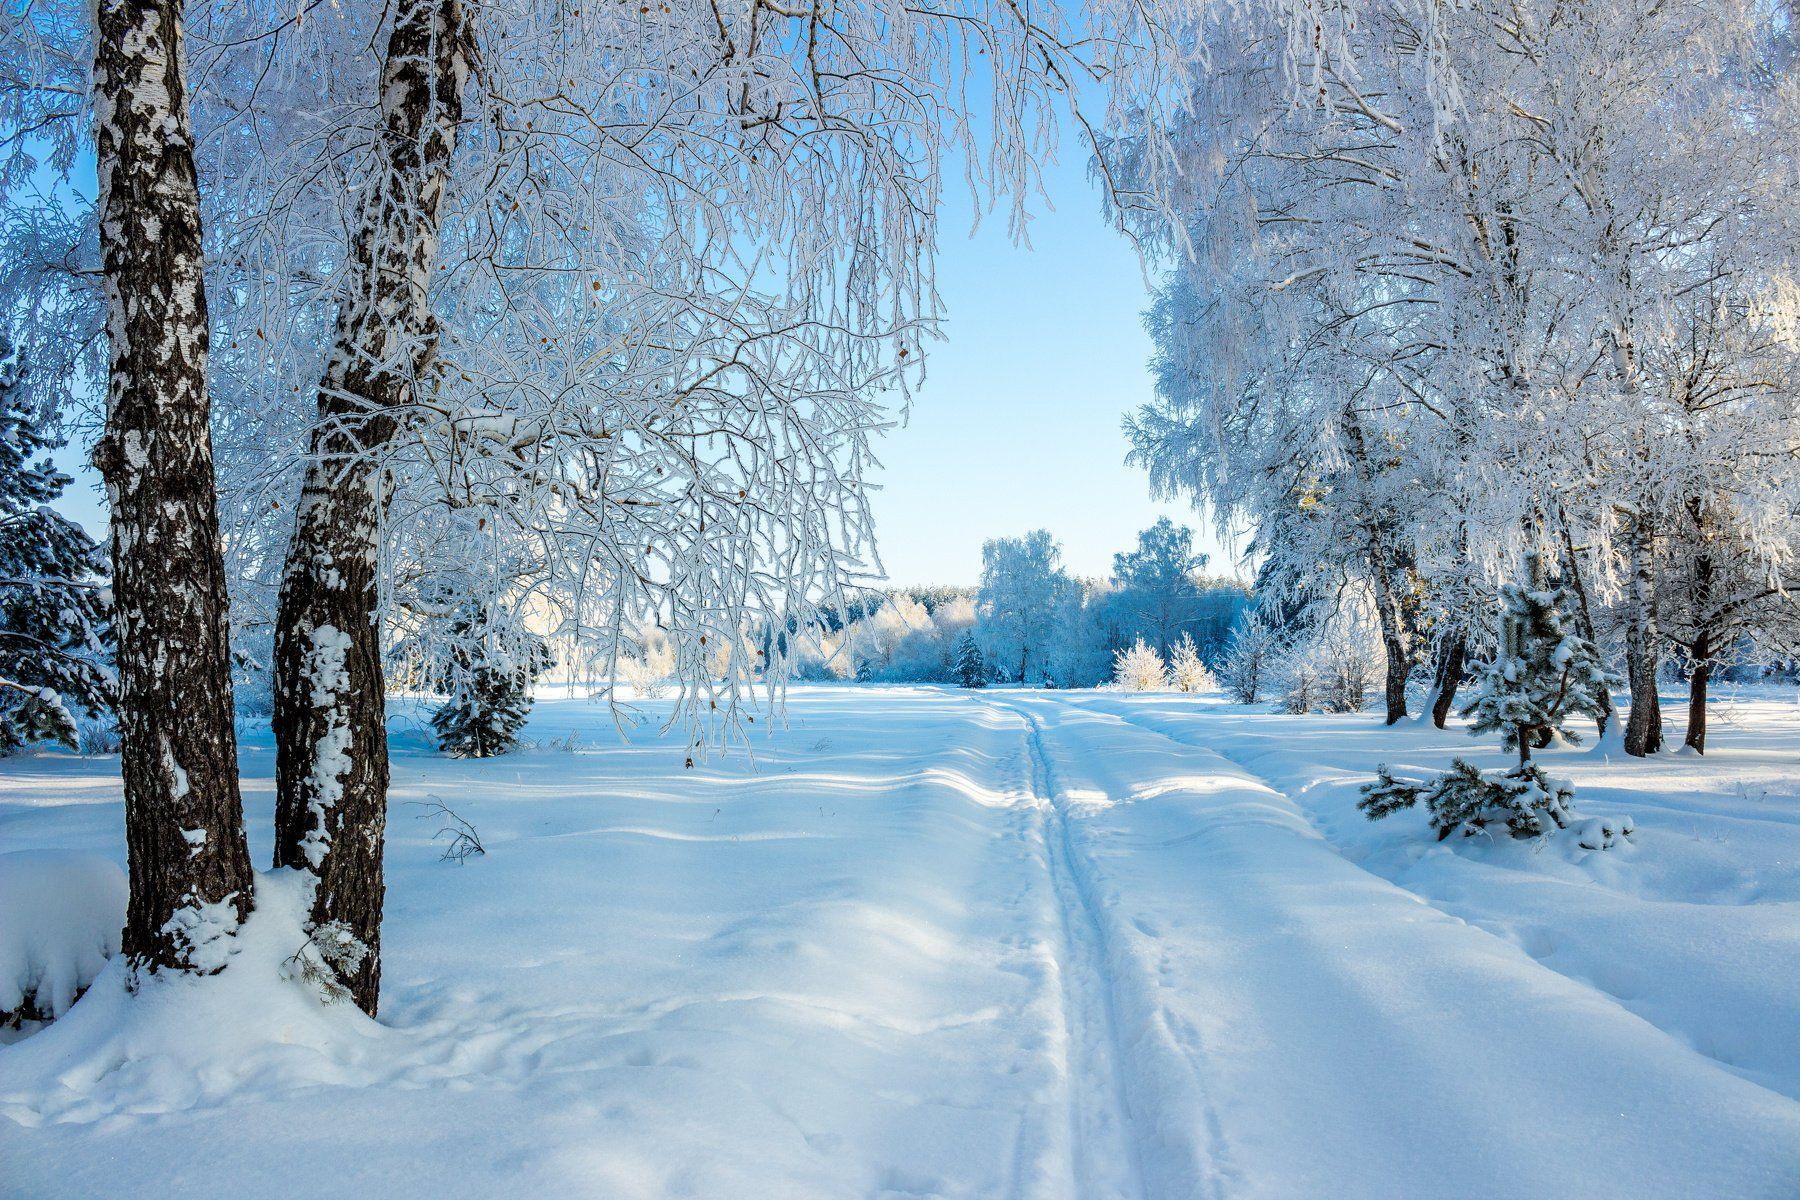 снег, лыжня, лес, иней, зима, заповедник, берёзы, Руслан Востриков